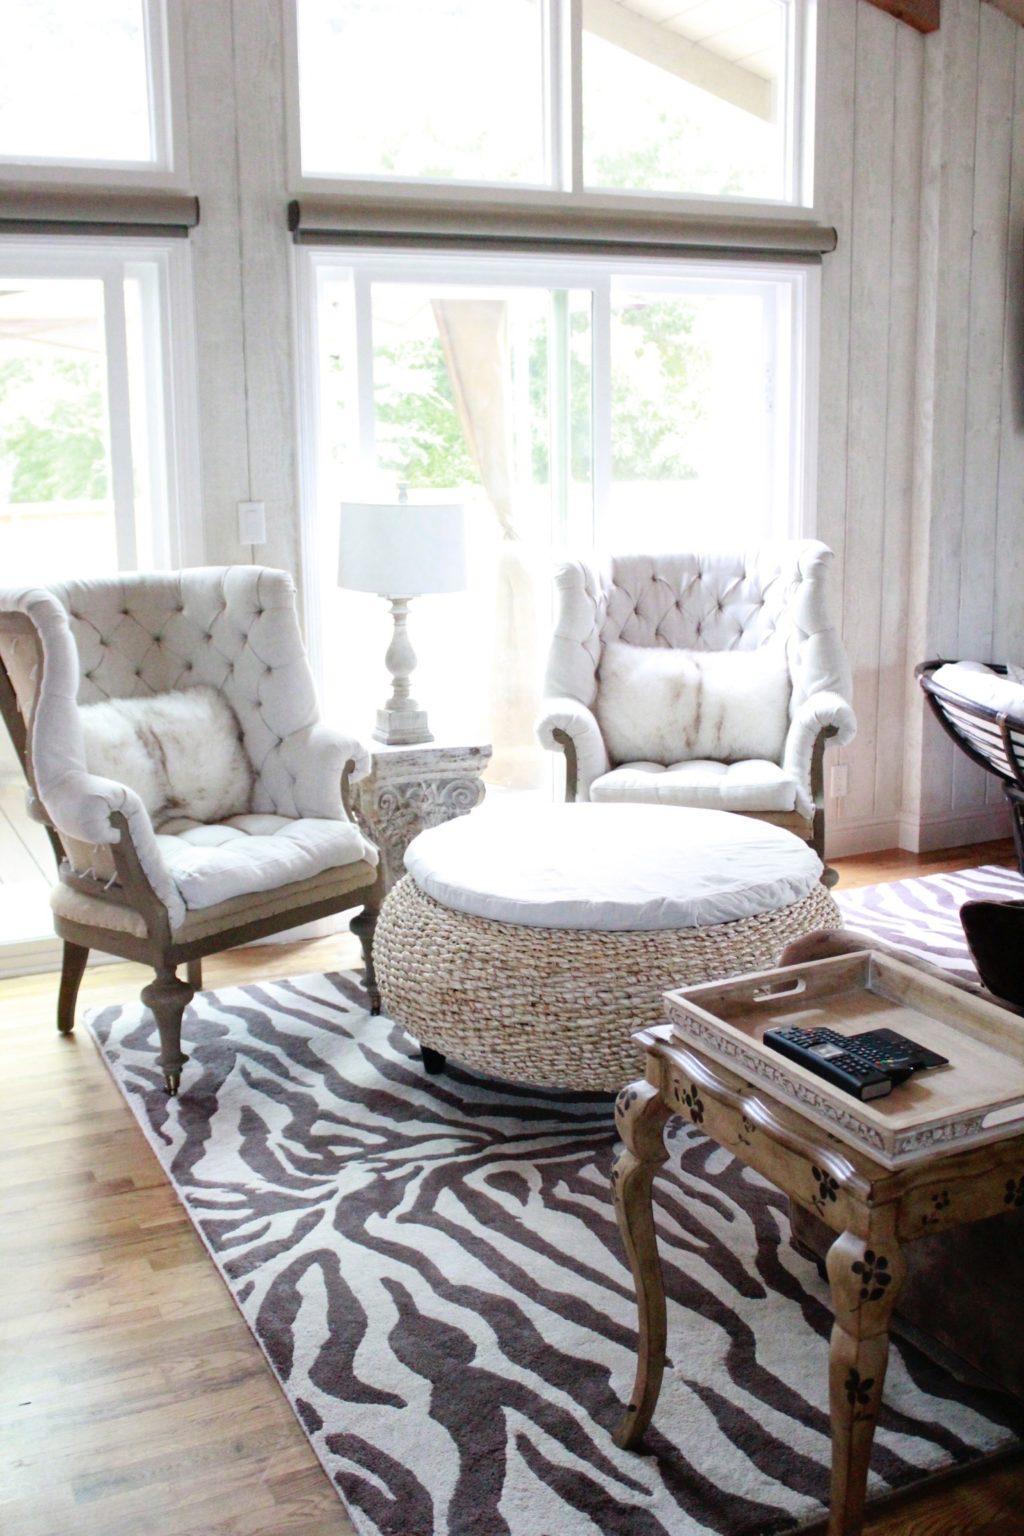 Bright White Beach House in Aptos California - Summer Adams